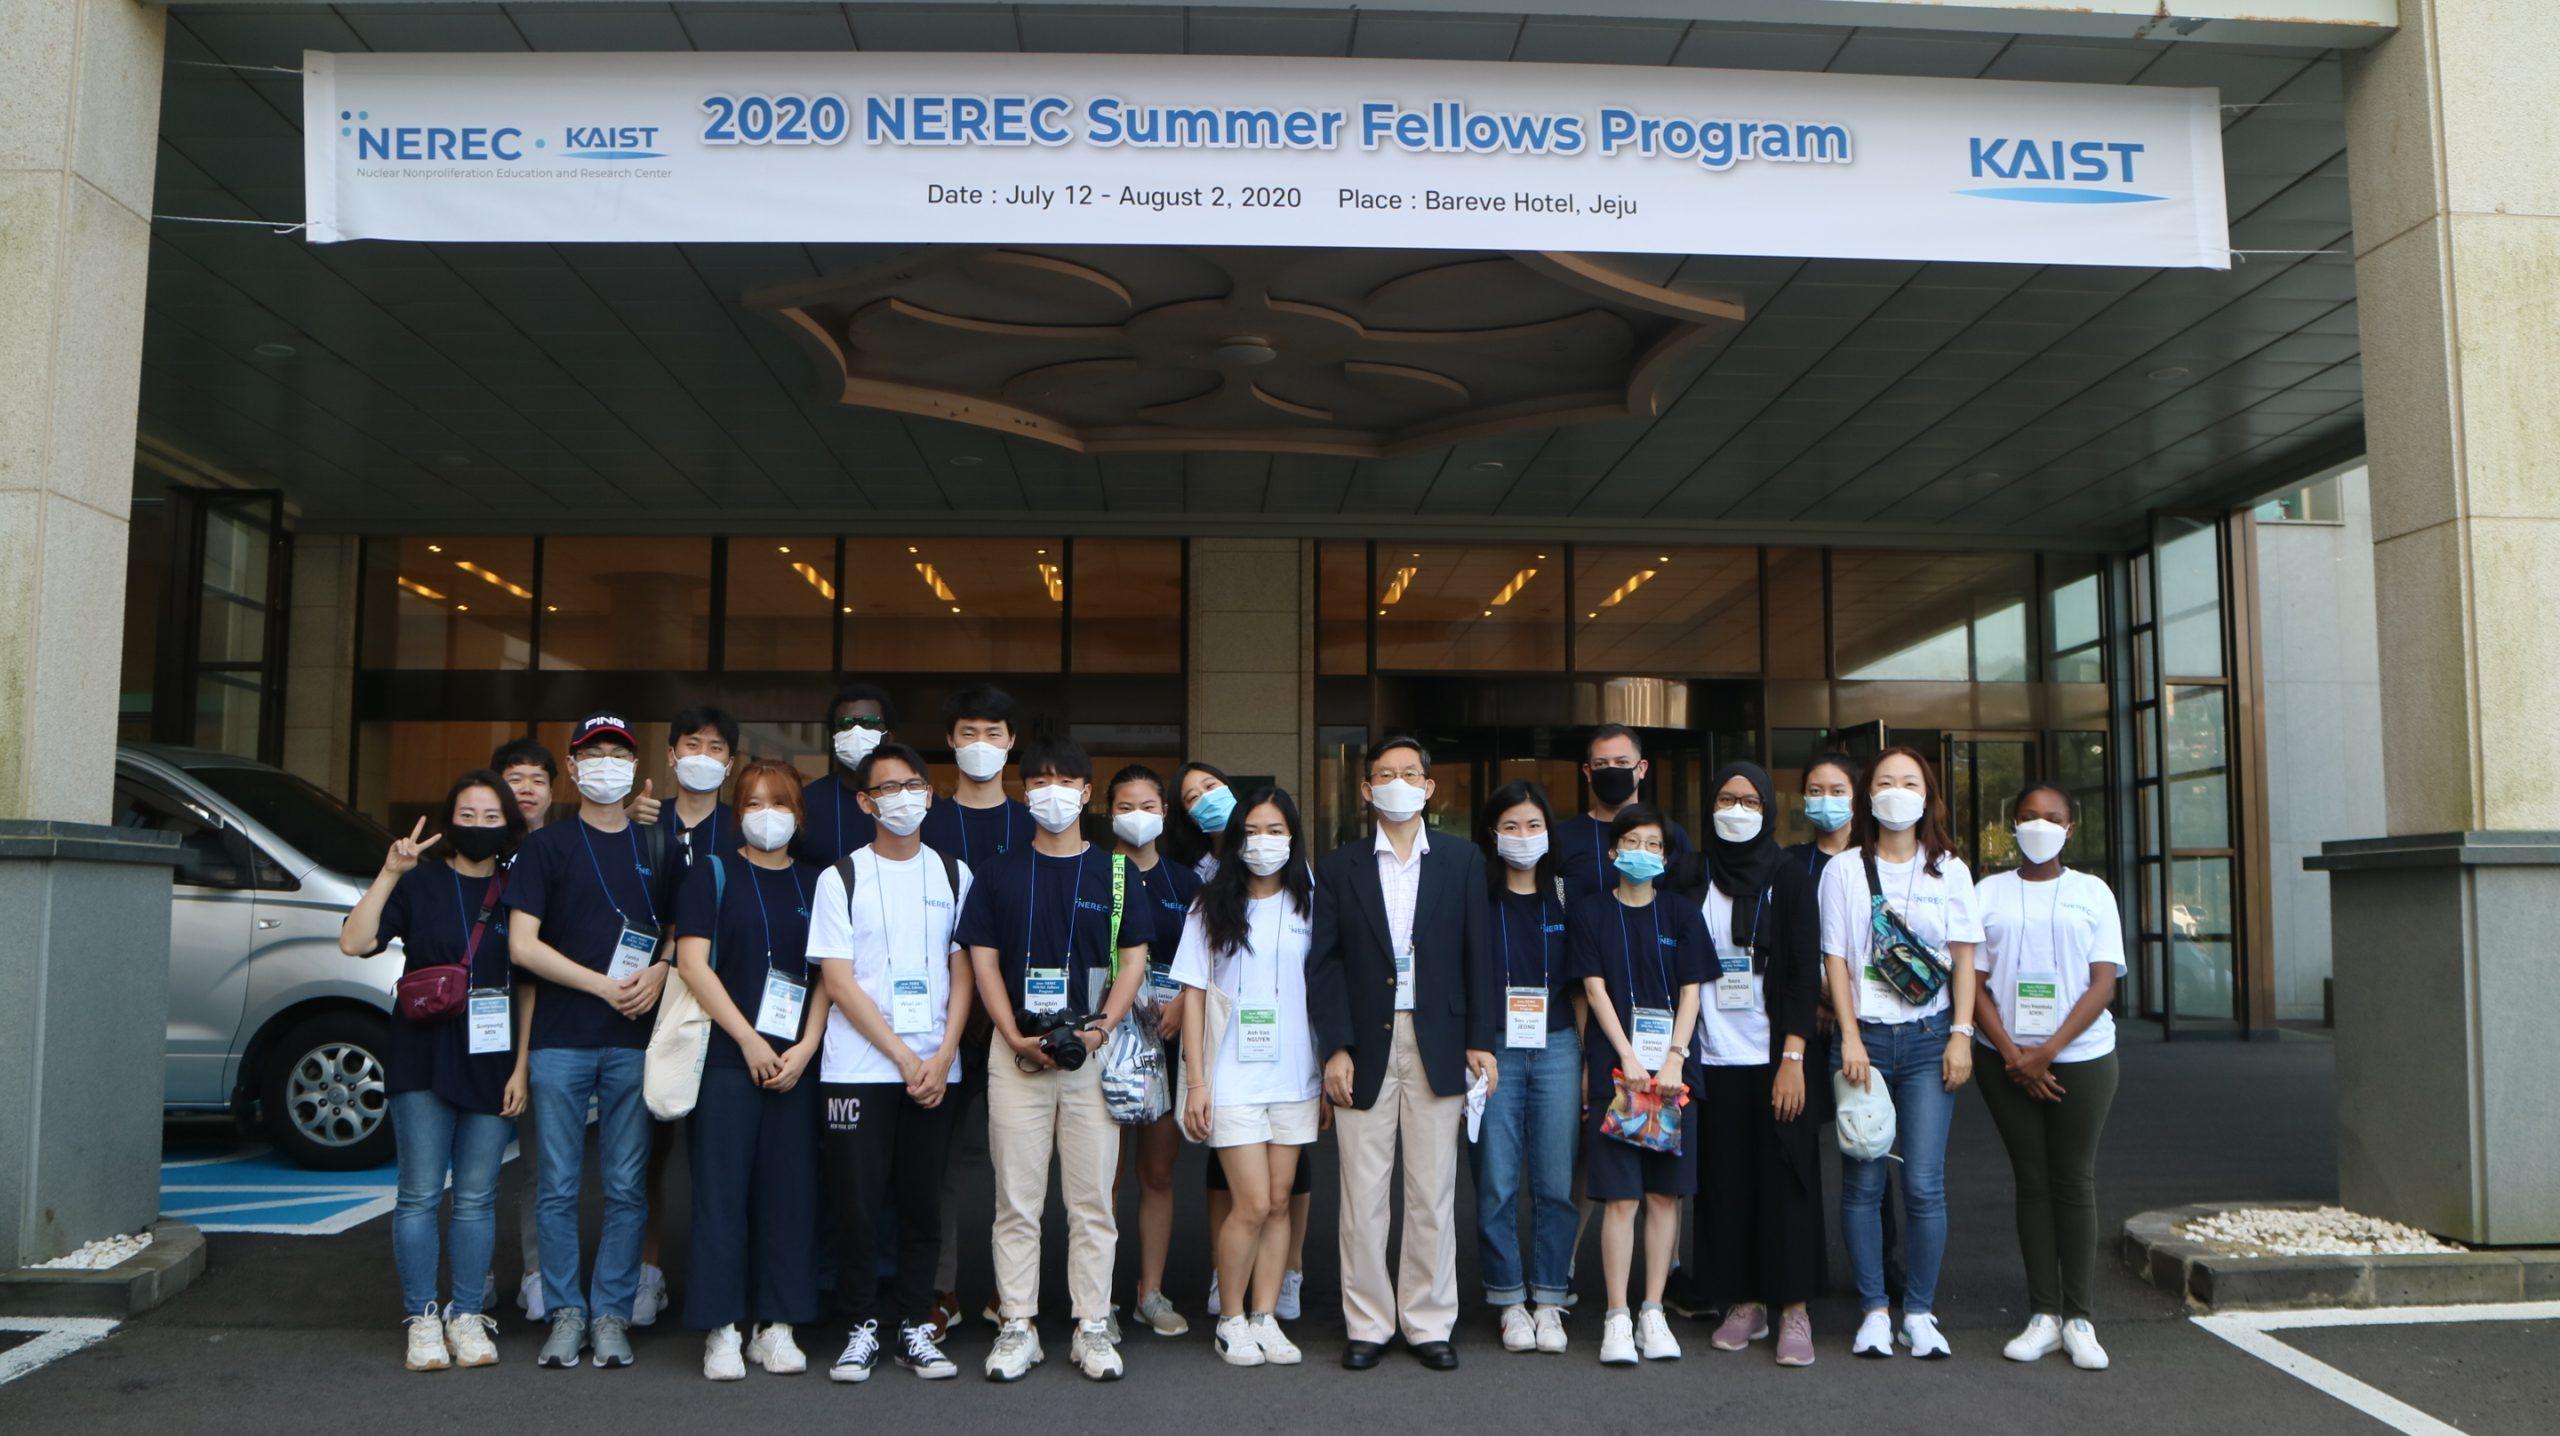 APLN and KAIST-NEREC Summer Fellows Program